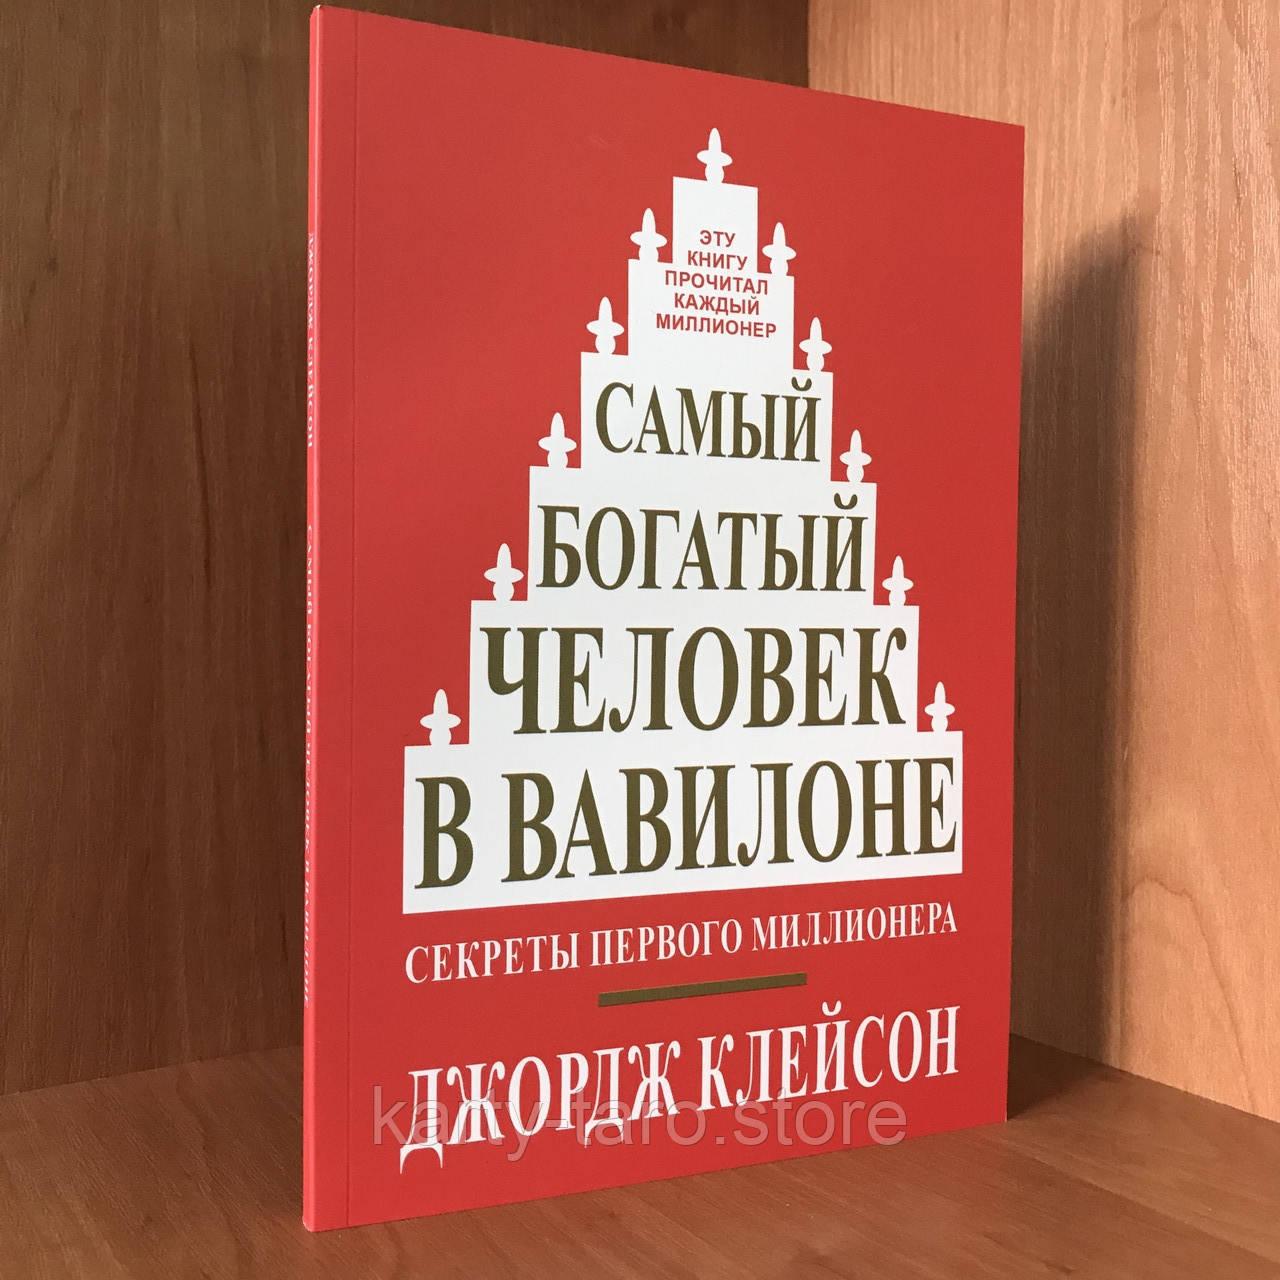 Книга Самый богатый человек в Вавилоне - Джорж Сэмюэль Клейсон